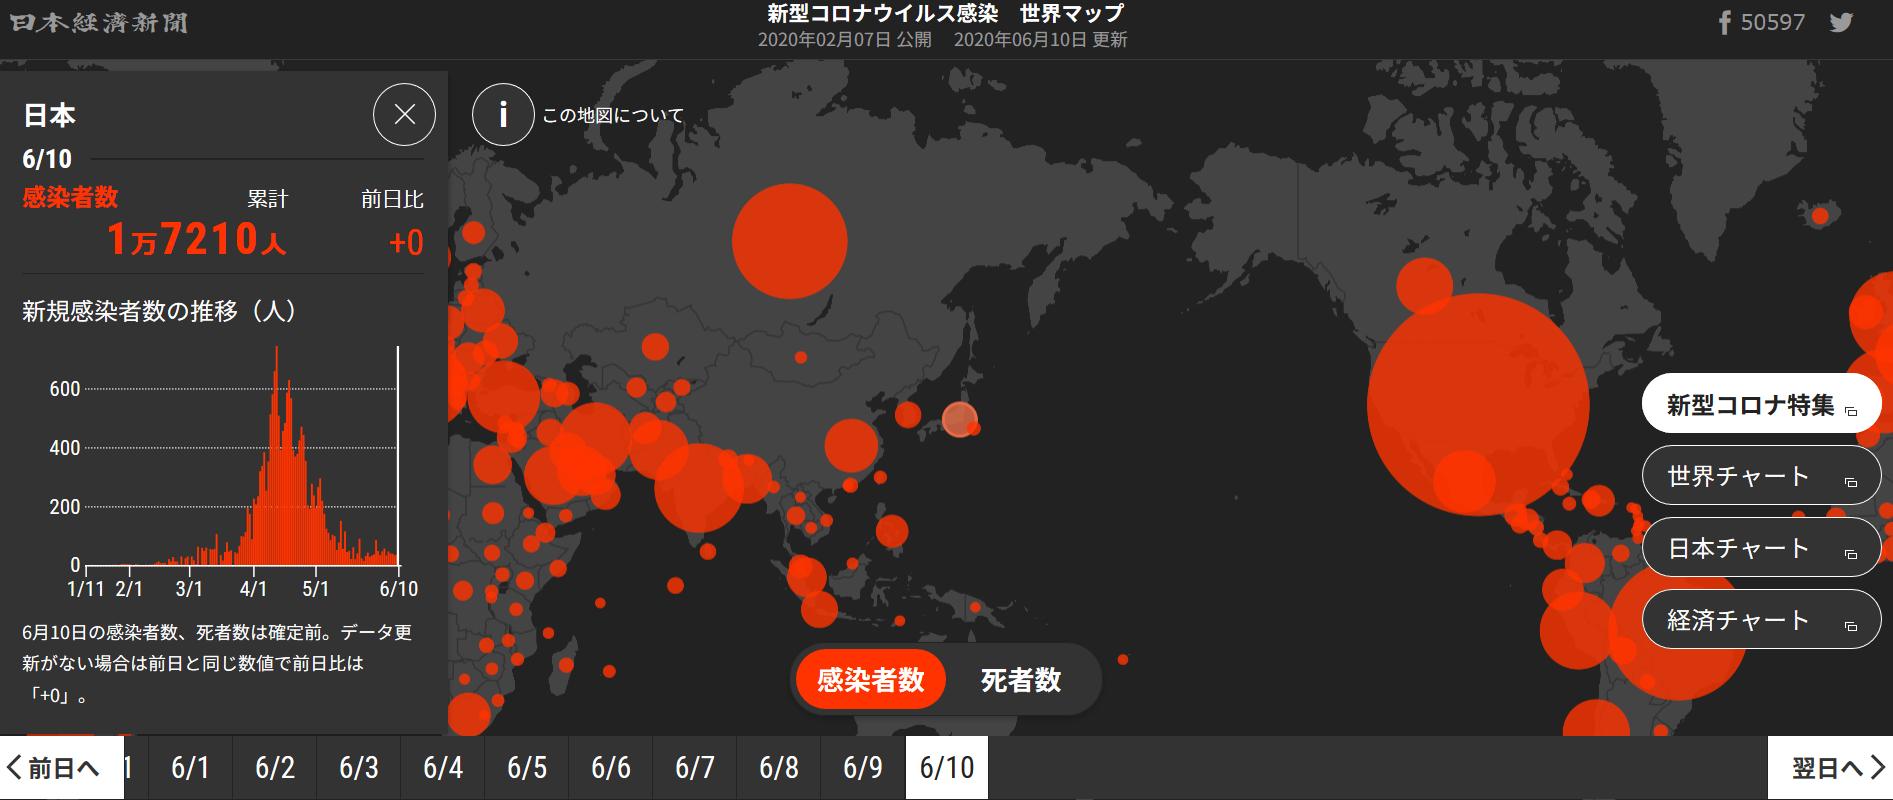 日経ビジュアルデータサイトのキャプチャ